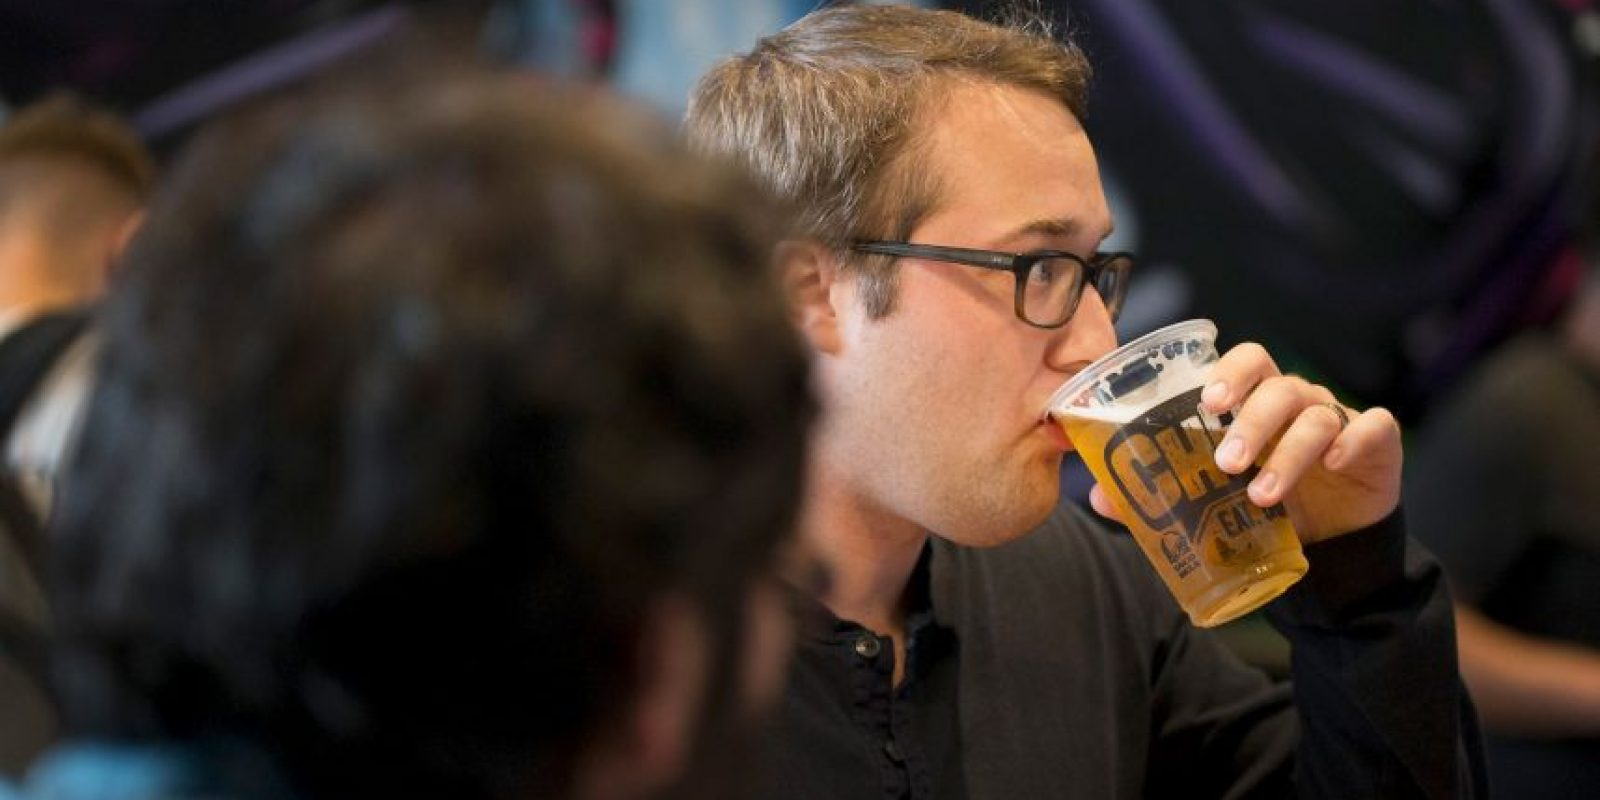 Los consumidores de alcohol suponen el 76.7% de la población mundial, de acuerdo al Observatorio Europeo de las Drogas Foto:Getty Images